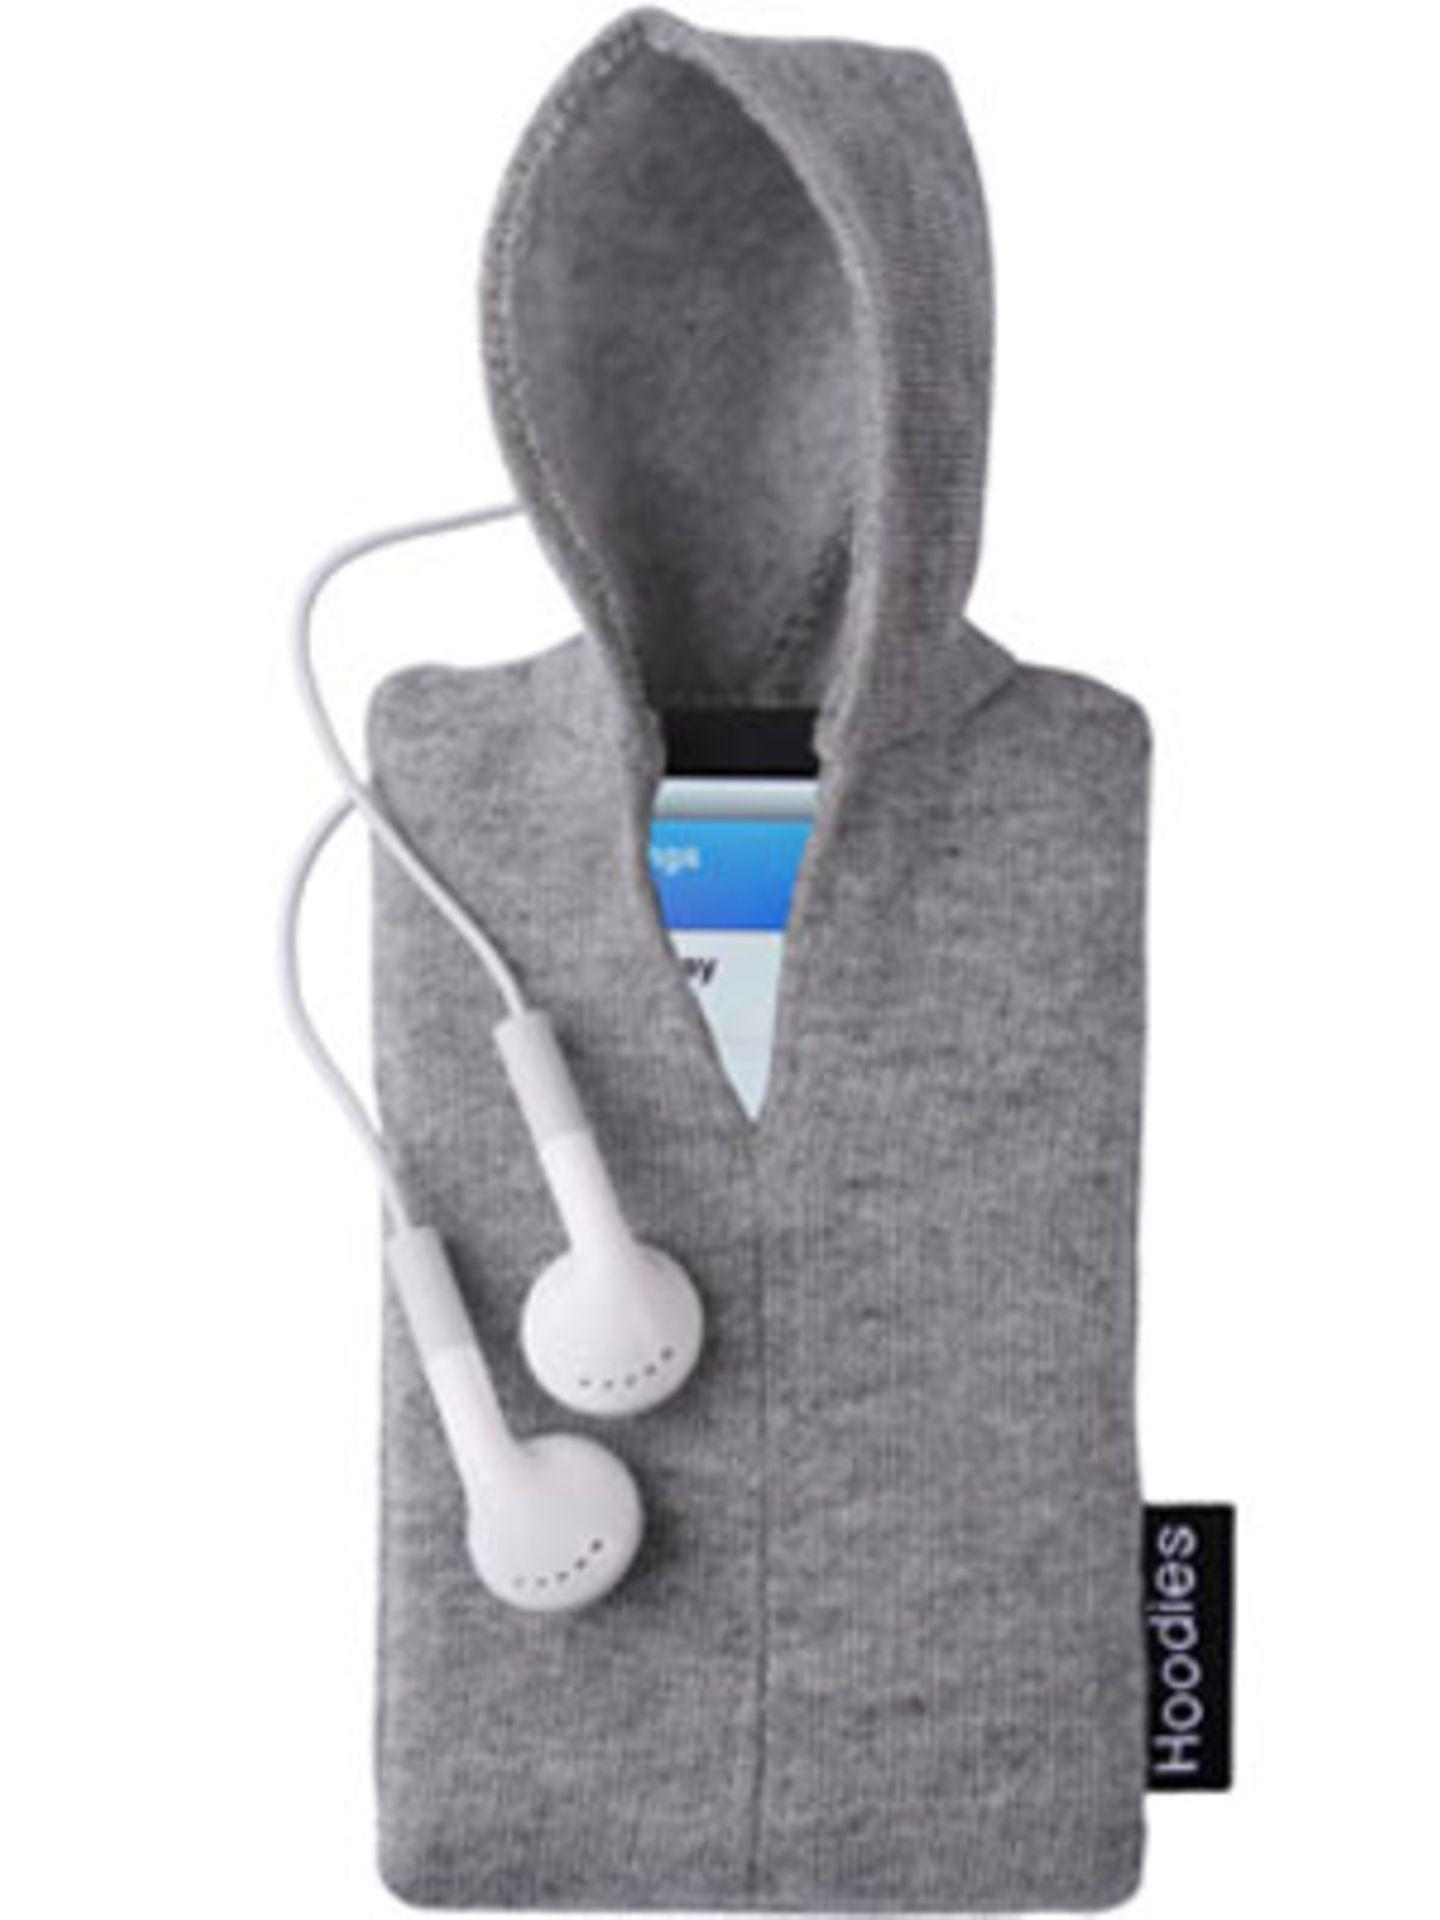 Auch unser iPod legt Wert auf stylische Kleidung: iPod-Hoodie von fredflare.com, um 15 Euro.